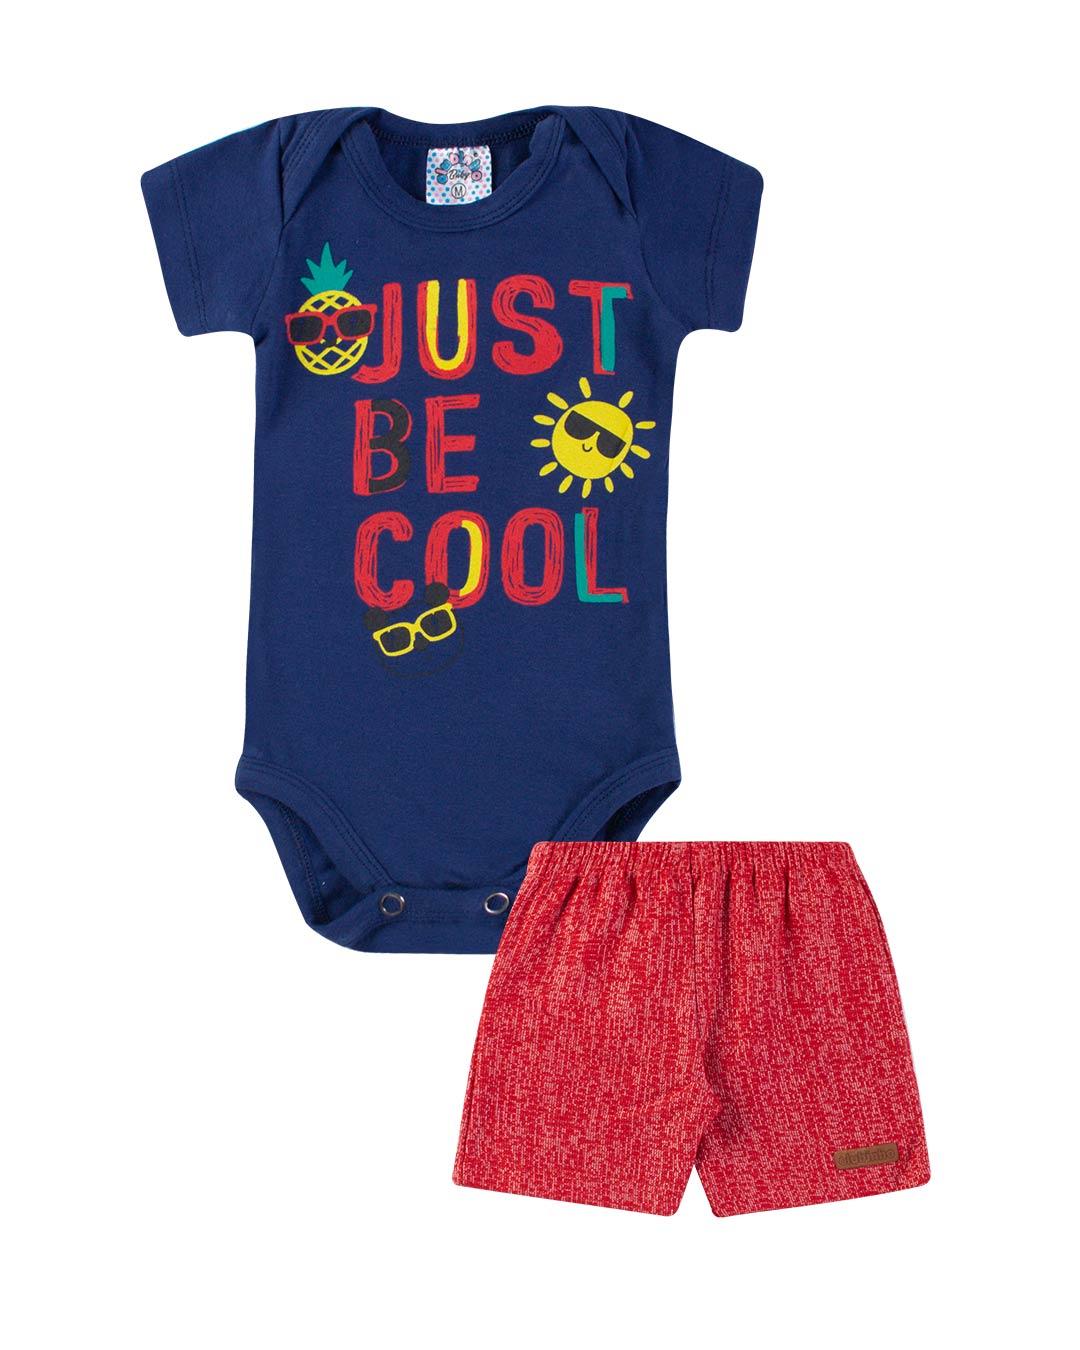 Conjunto Body Bebê Just Be Cool - Clubinho